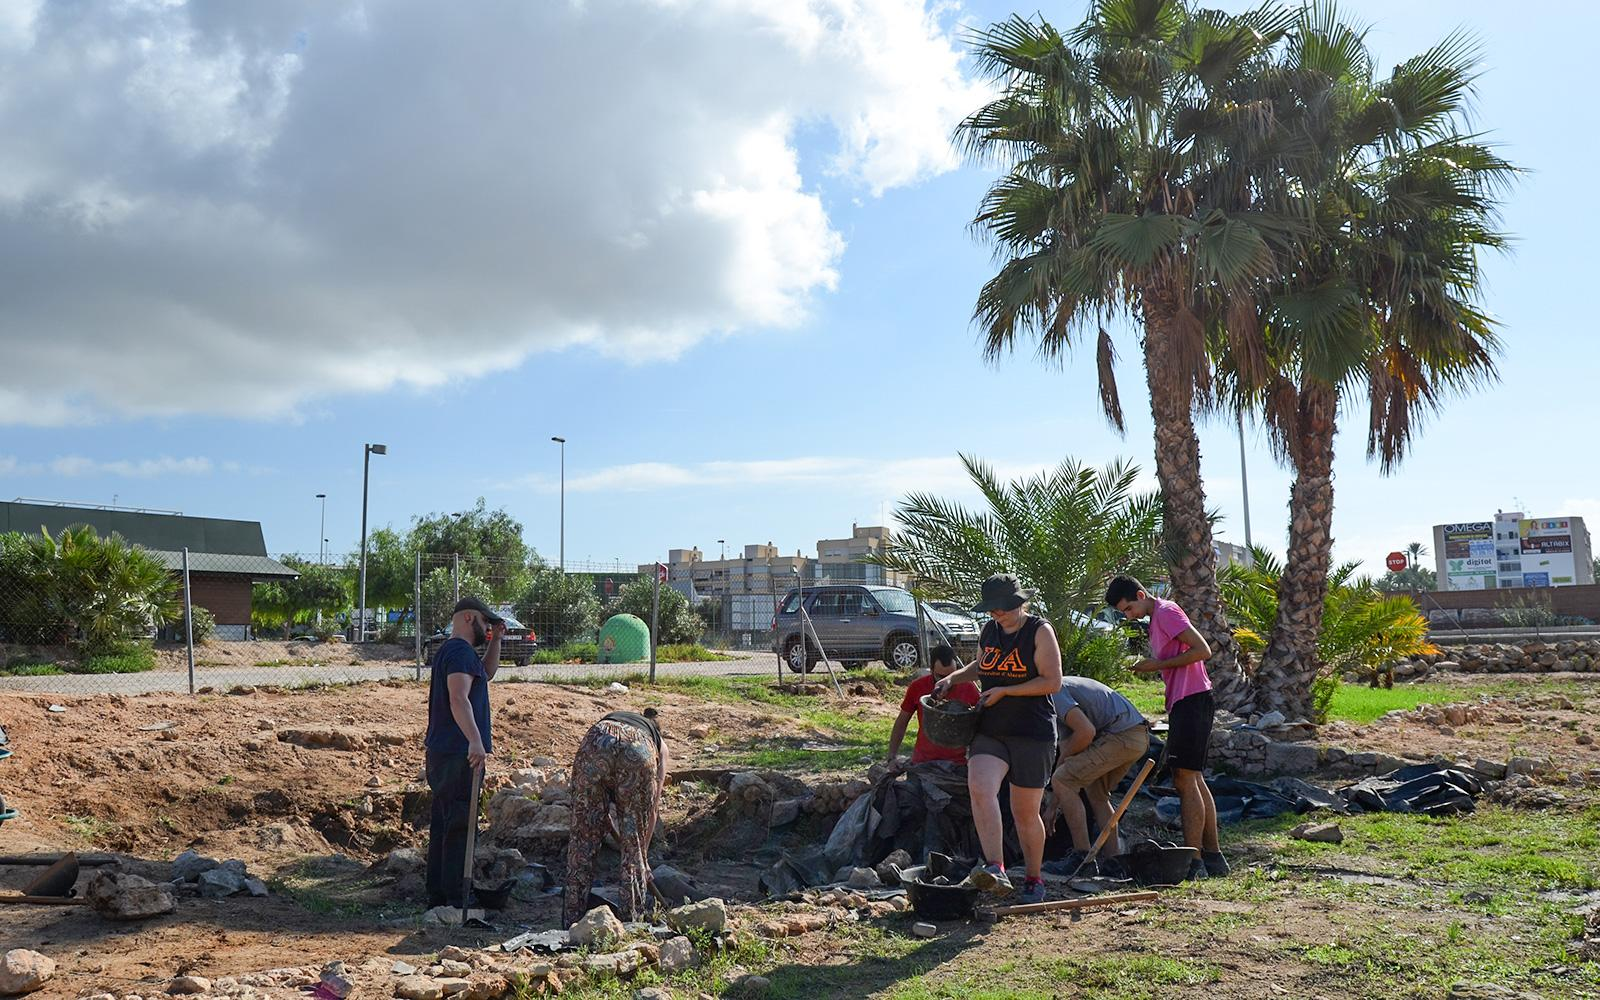 (Castellano) El 6 de noviembre se pasará el georradar por el Portus Ilicitanus, en el área arqueológica de La Picola y zonas aledañas